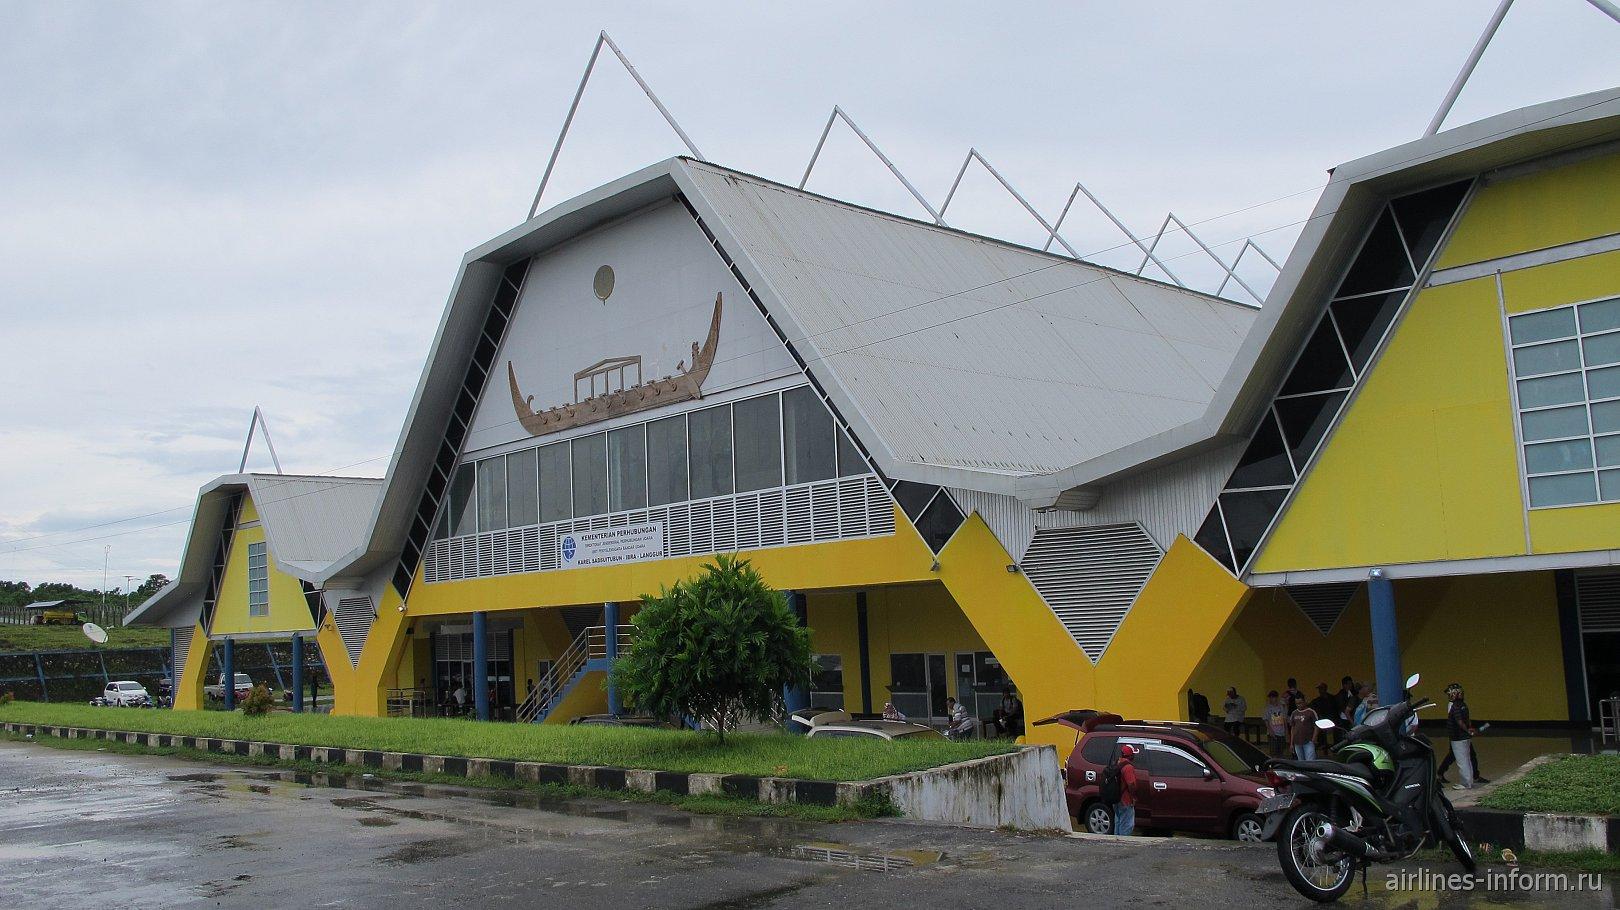 Вид с привокзальной площади на пассажирский терминал аэропорта Лангур